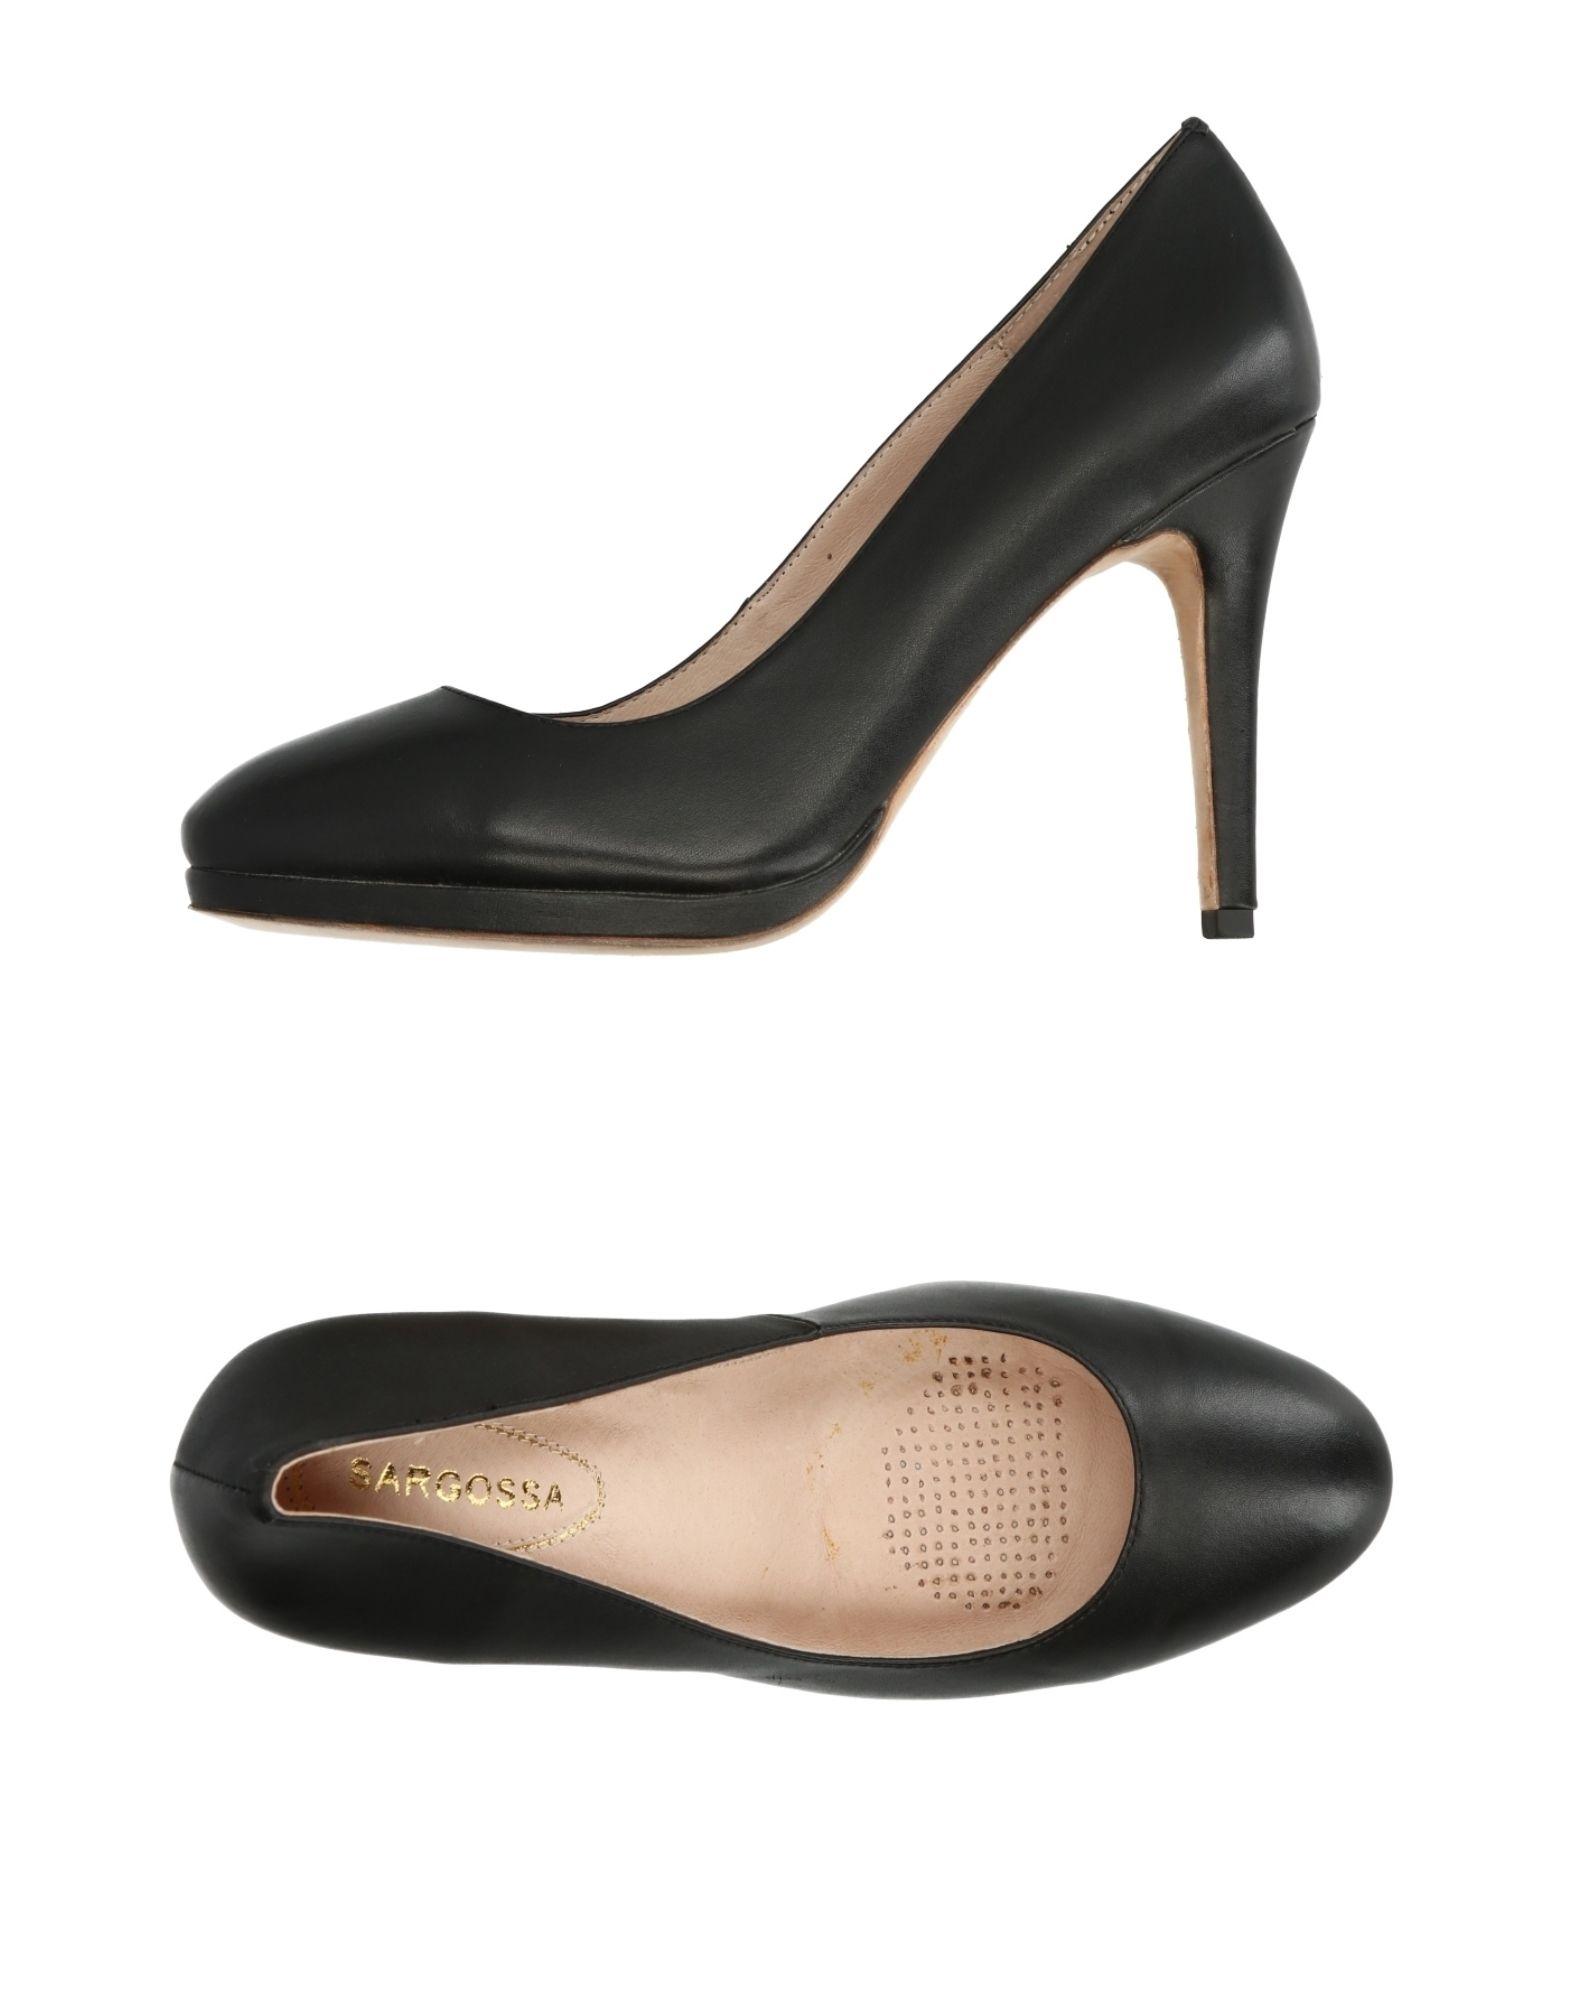 Sargossa Pumps Damen  11280130RV Gute Qualität beliebte Schuhe